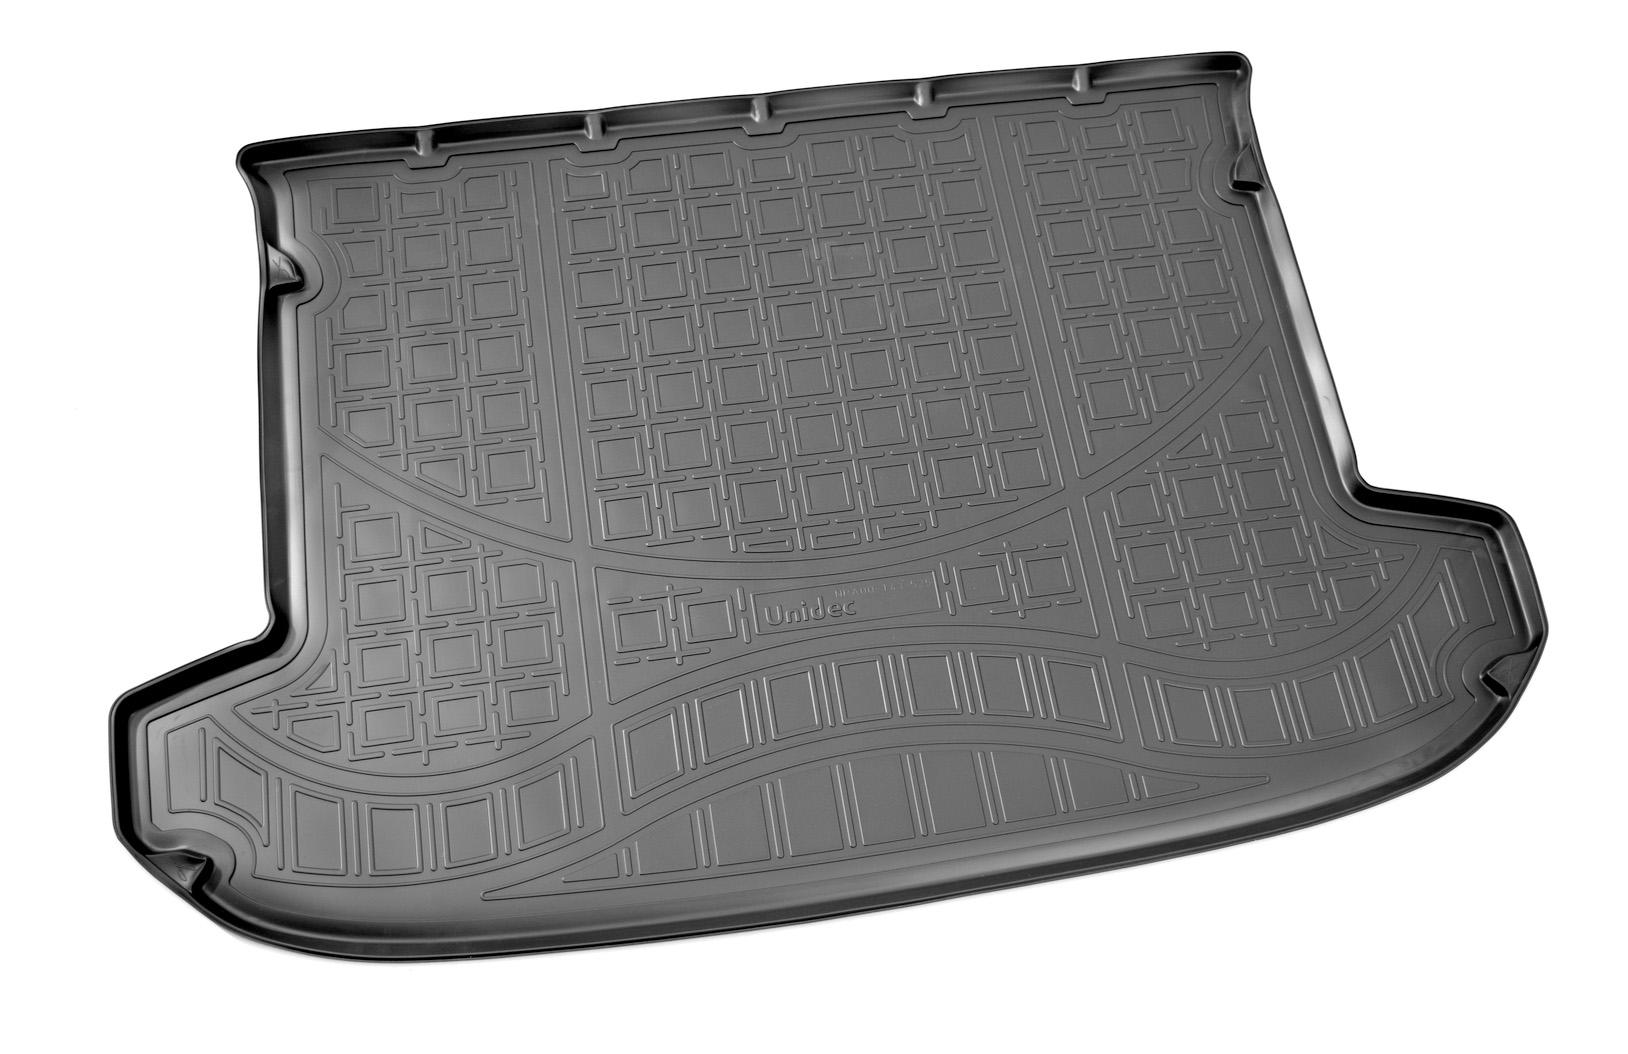 Коврик в багажник автомобиля для KIA Norplast (NPA00-T43-525)